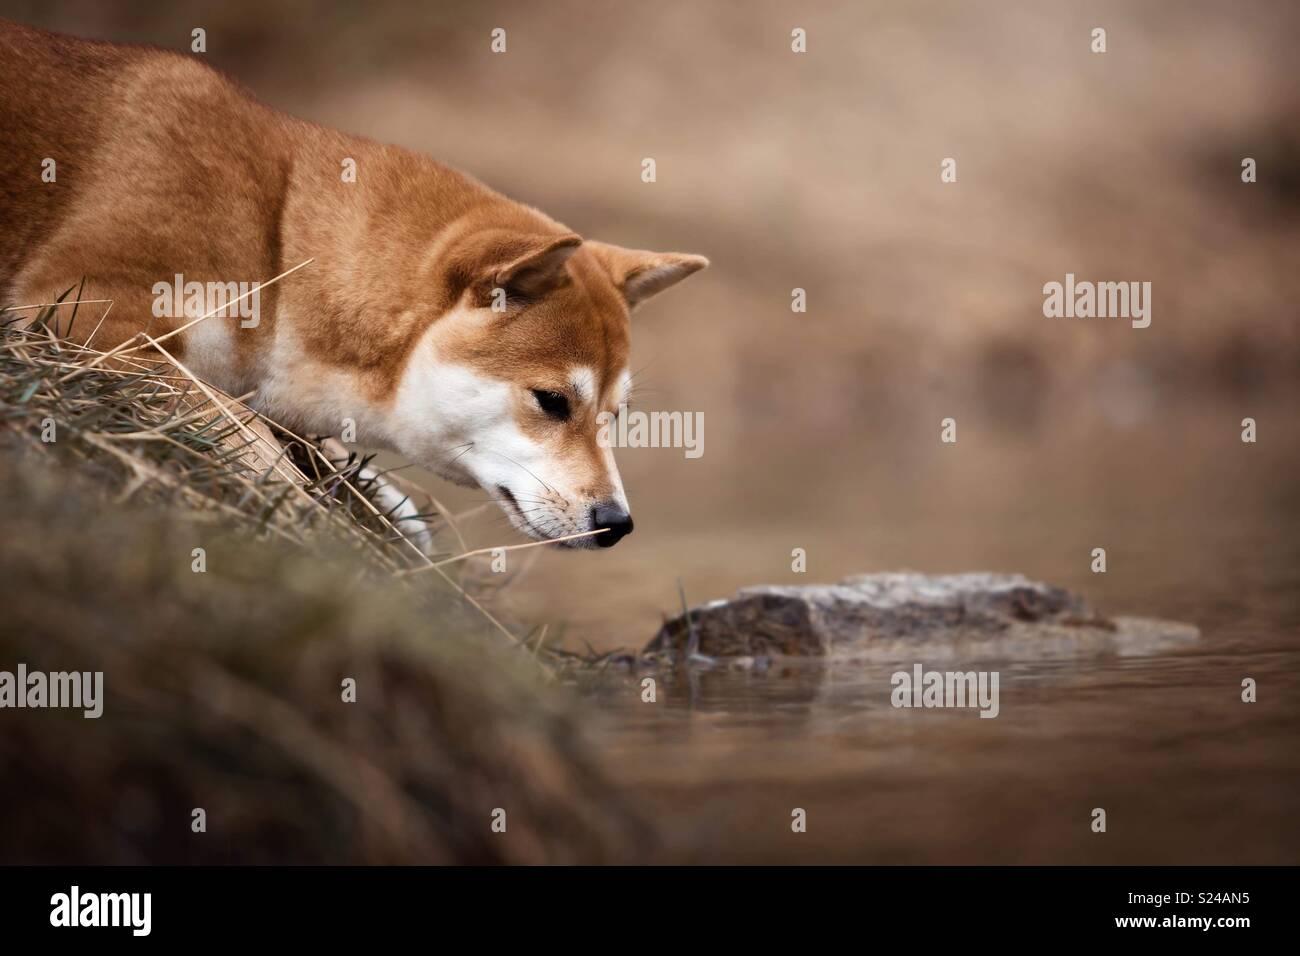 Sapos & Cães Imagens de Stock